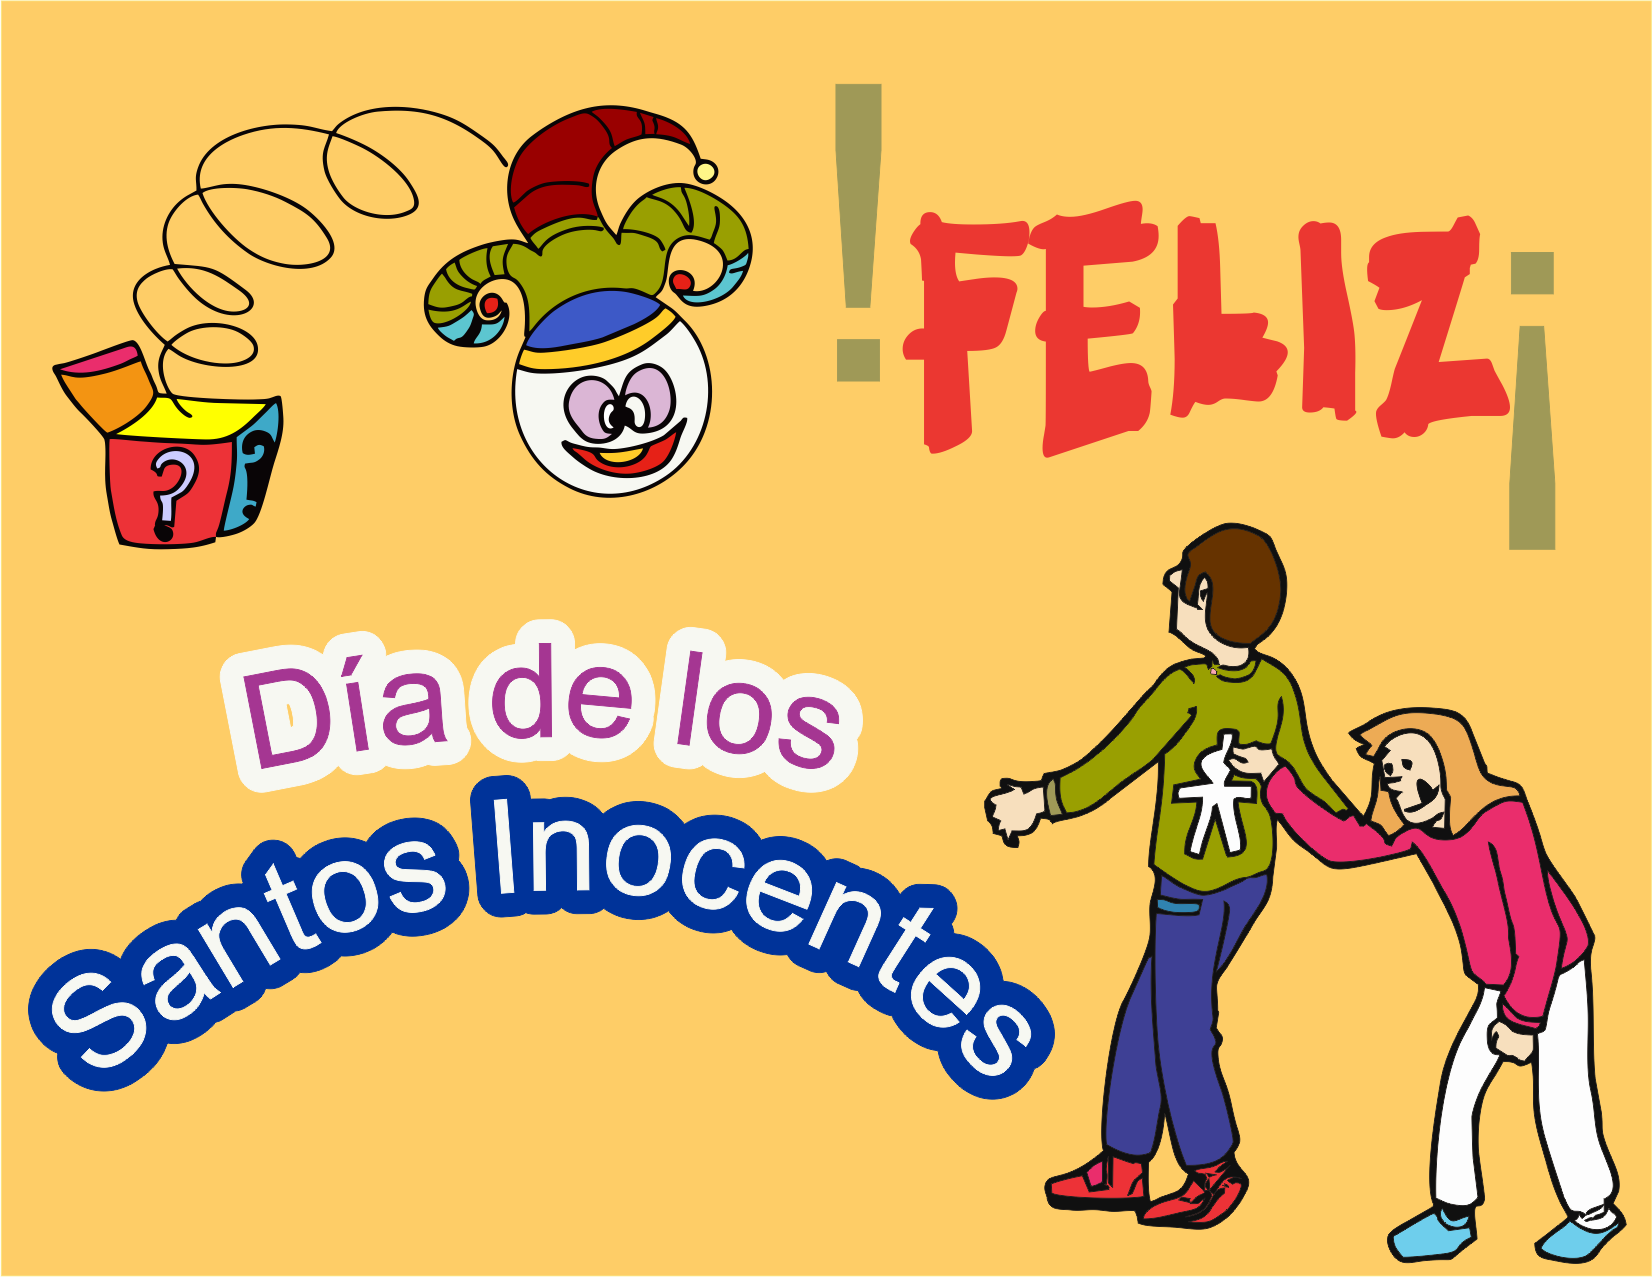 ¡Felicidades! A todos esos Santos Inocentes.